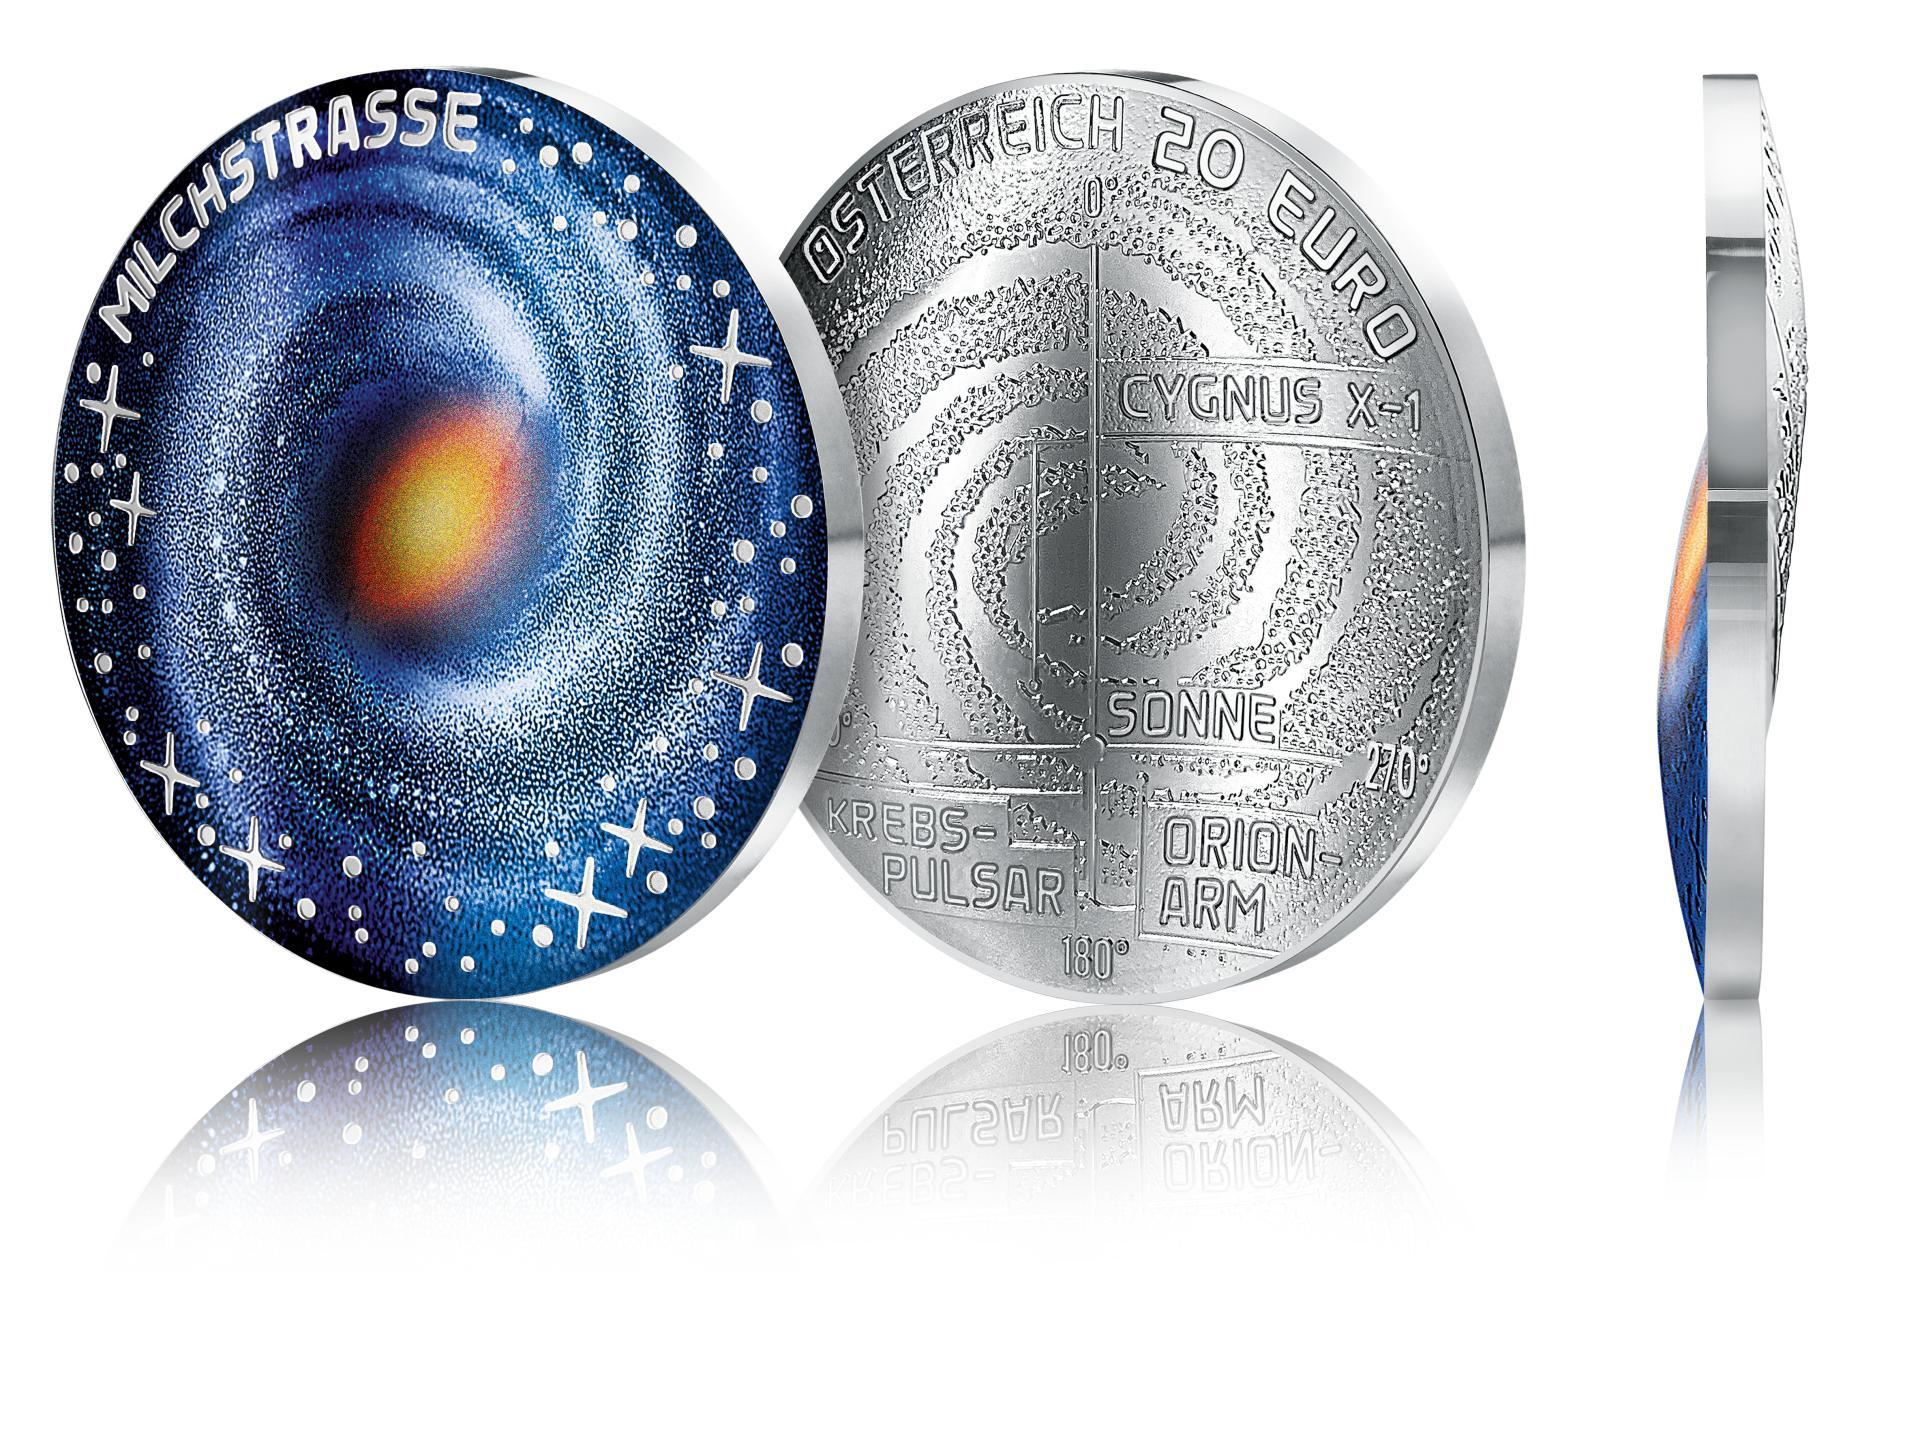 """20eurone hõbemünt """"Milchstrasse"""" on pühendatud Linnutee galaktikale ja münt ise on S-tähe sarnane, meenutades meie kodugalaktika kuju (2021) Foto: Münze Österreich / Michael Stelzhammer"""